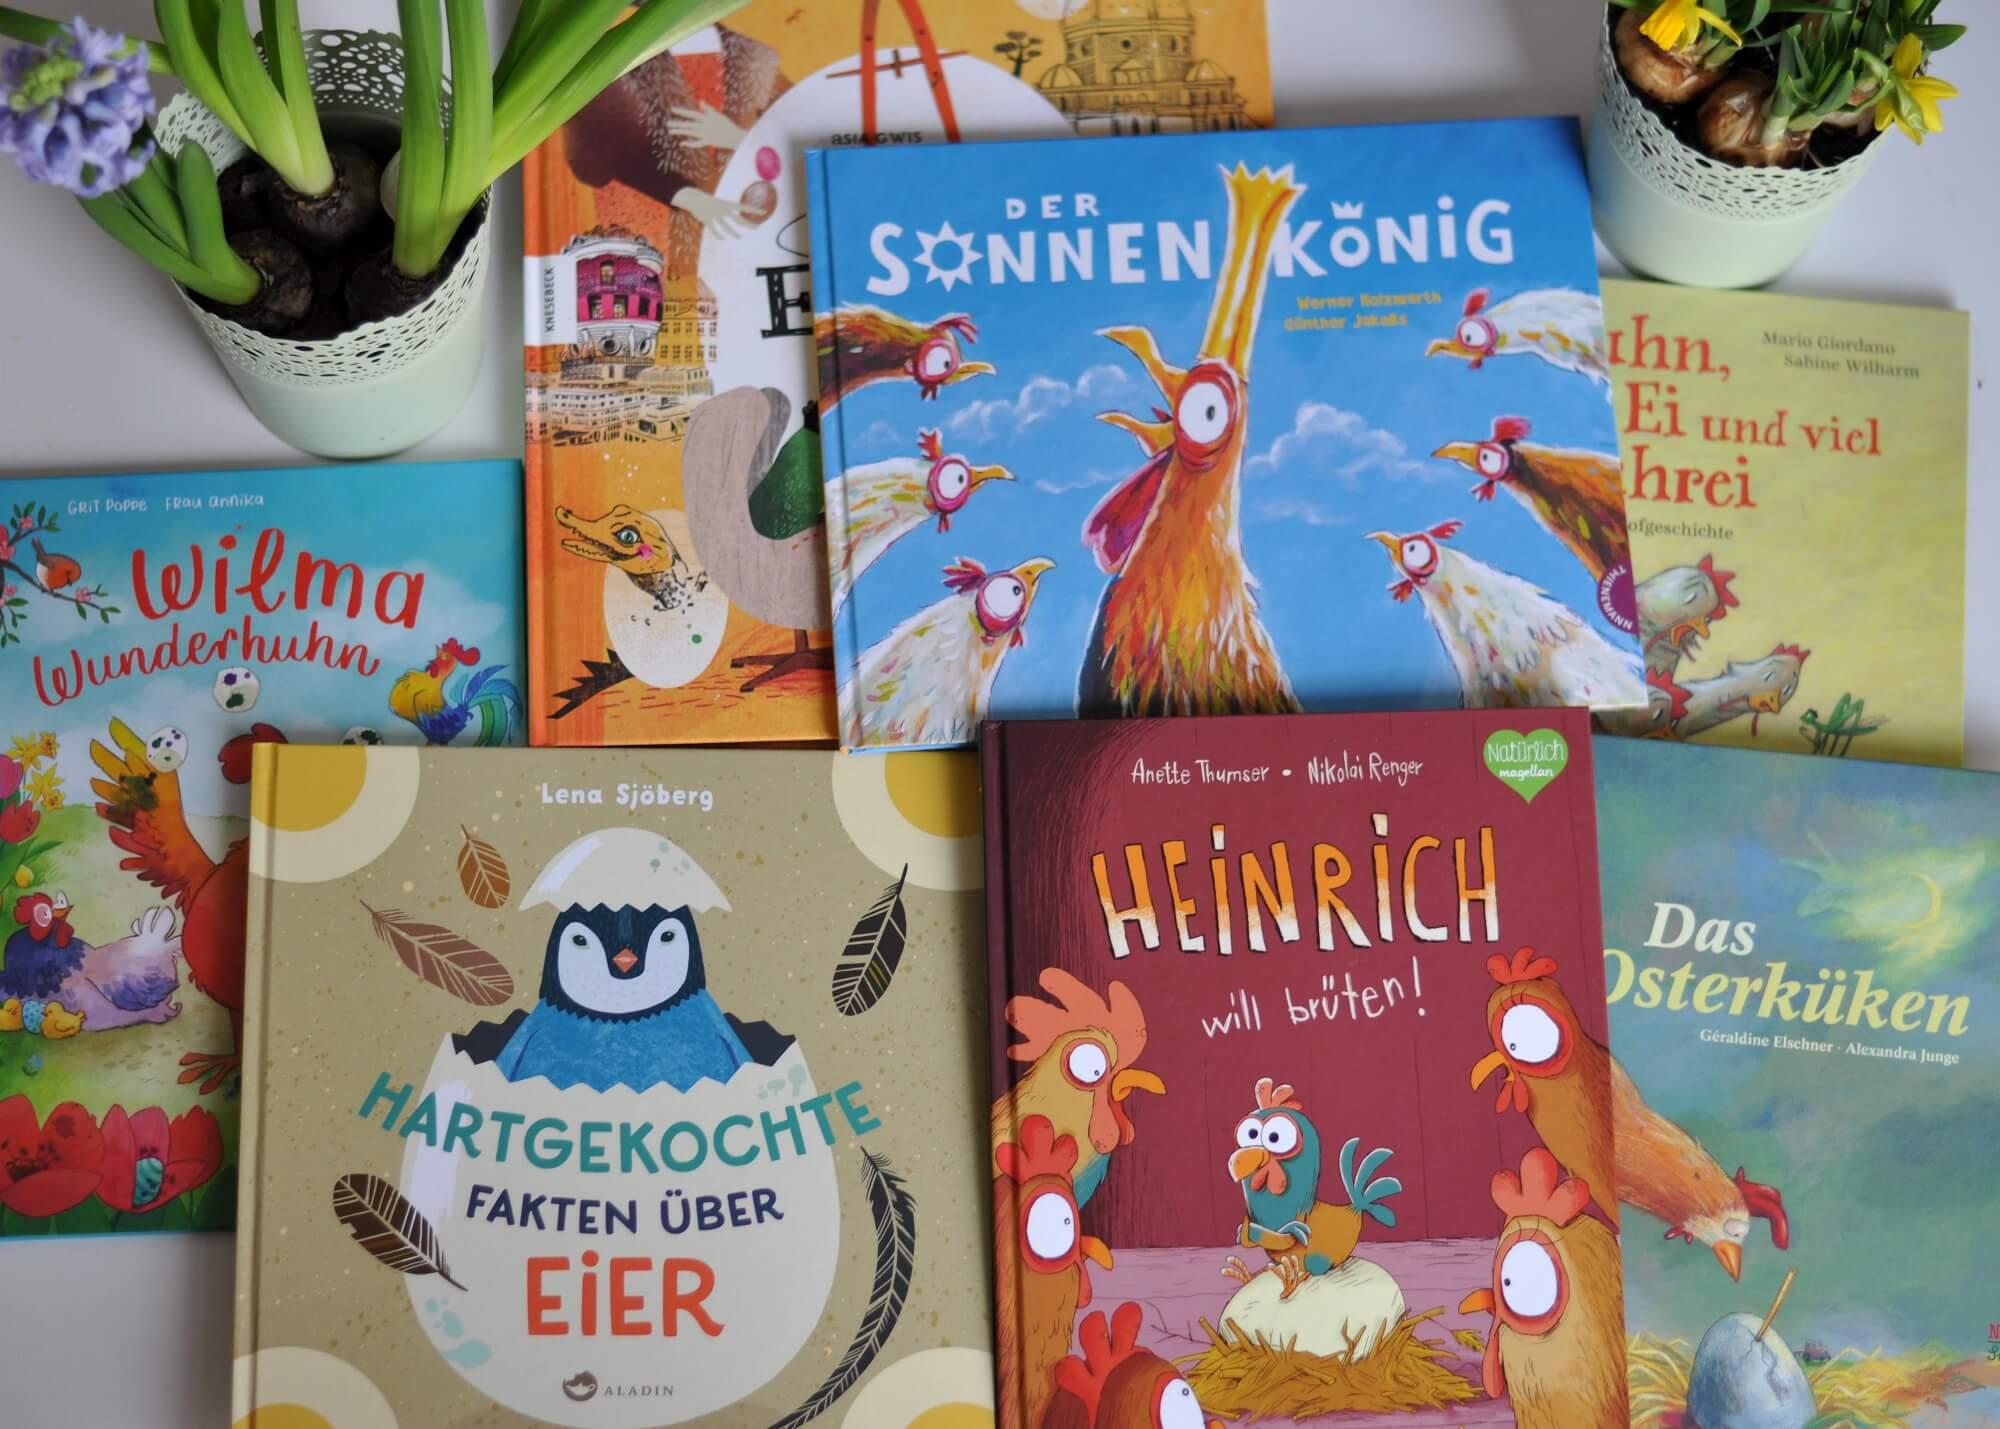 Wie wäre es also mit einem kleinen Hahn, der gerne Eier ausbrüten möchte? Oder einem Huh, das Würfel-Eier legt? Ich stelle sieben Bilderbücher zum Vorlesen, gemeinsamen Gackern und Nachdenken vor, die nicht nur zur Osterzeit interessant sind. #buch #bilderbuch #ostern #huhn #hahn #eier #lesen #vorlesen